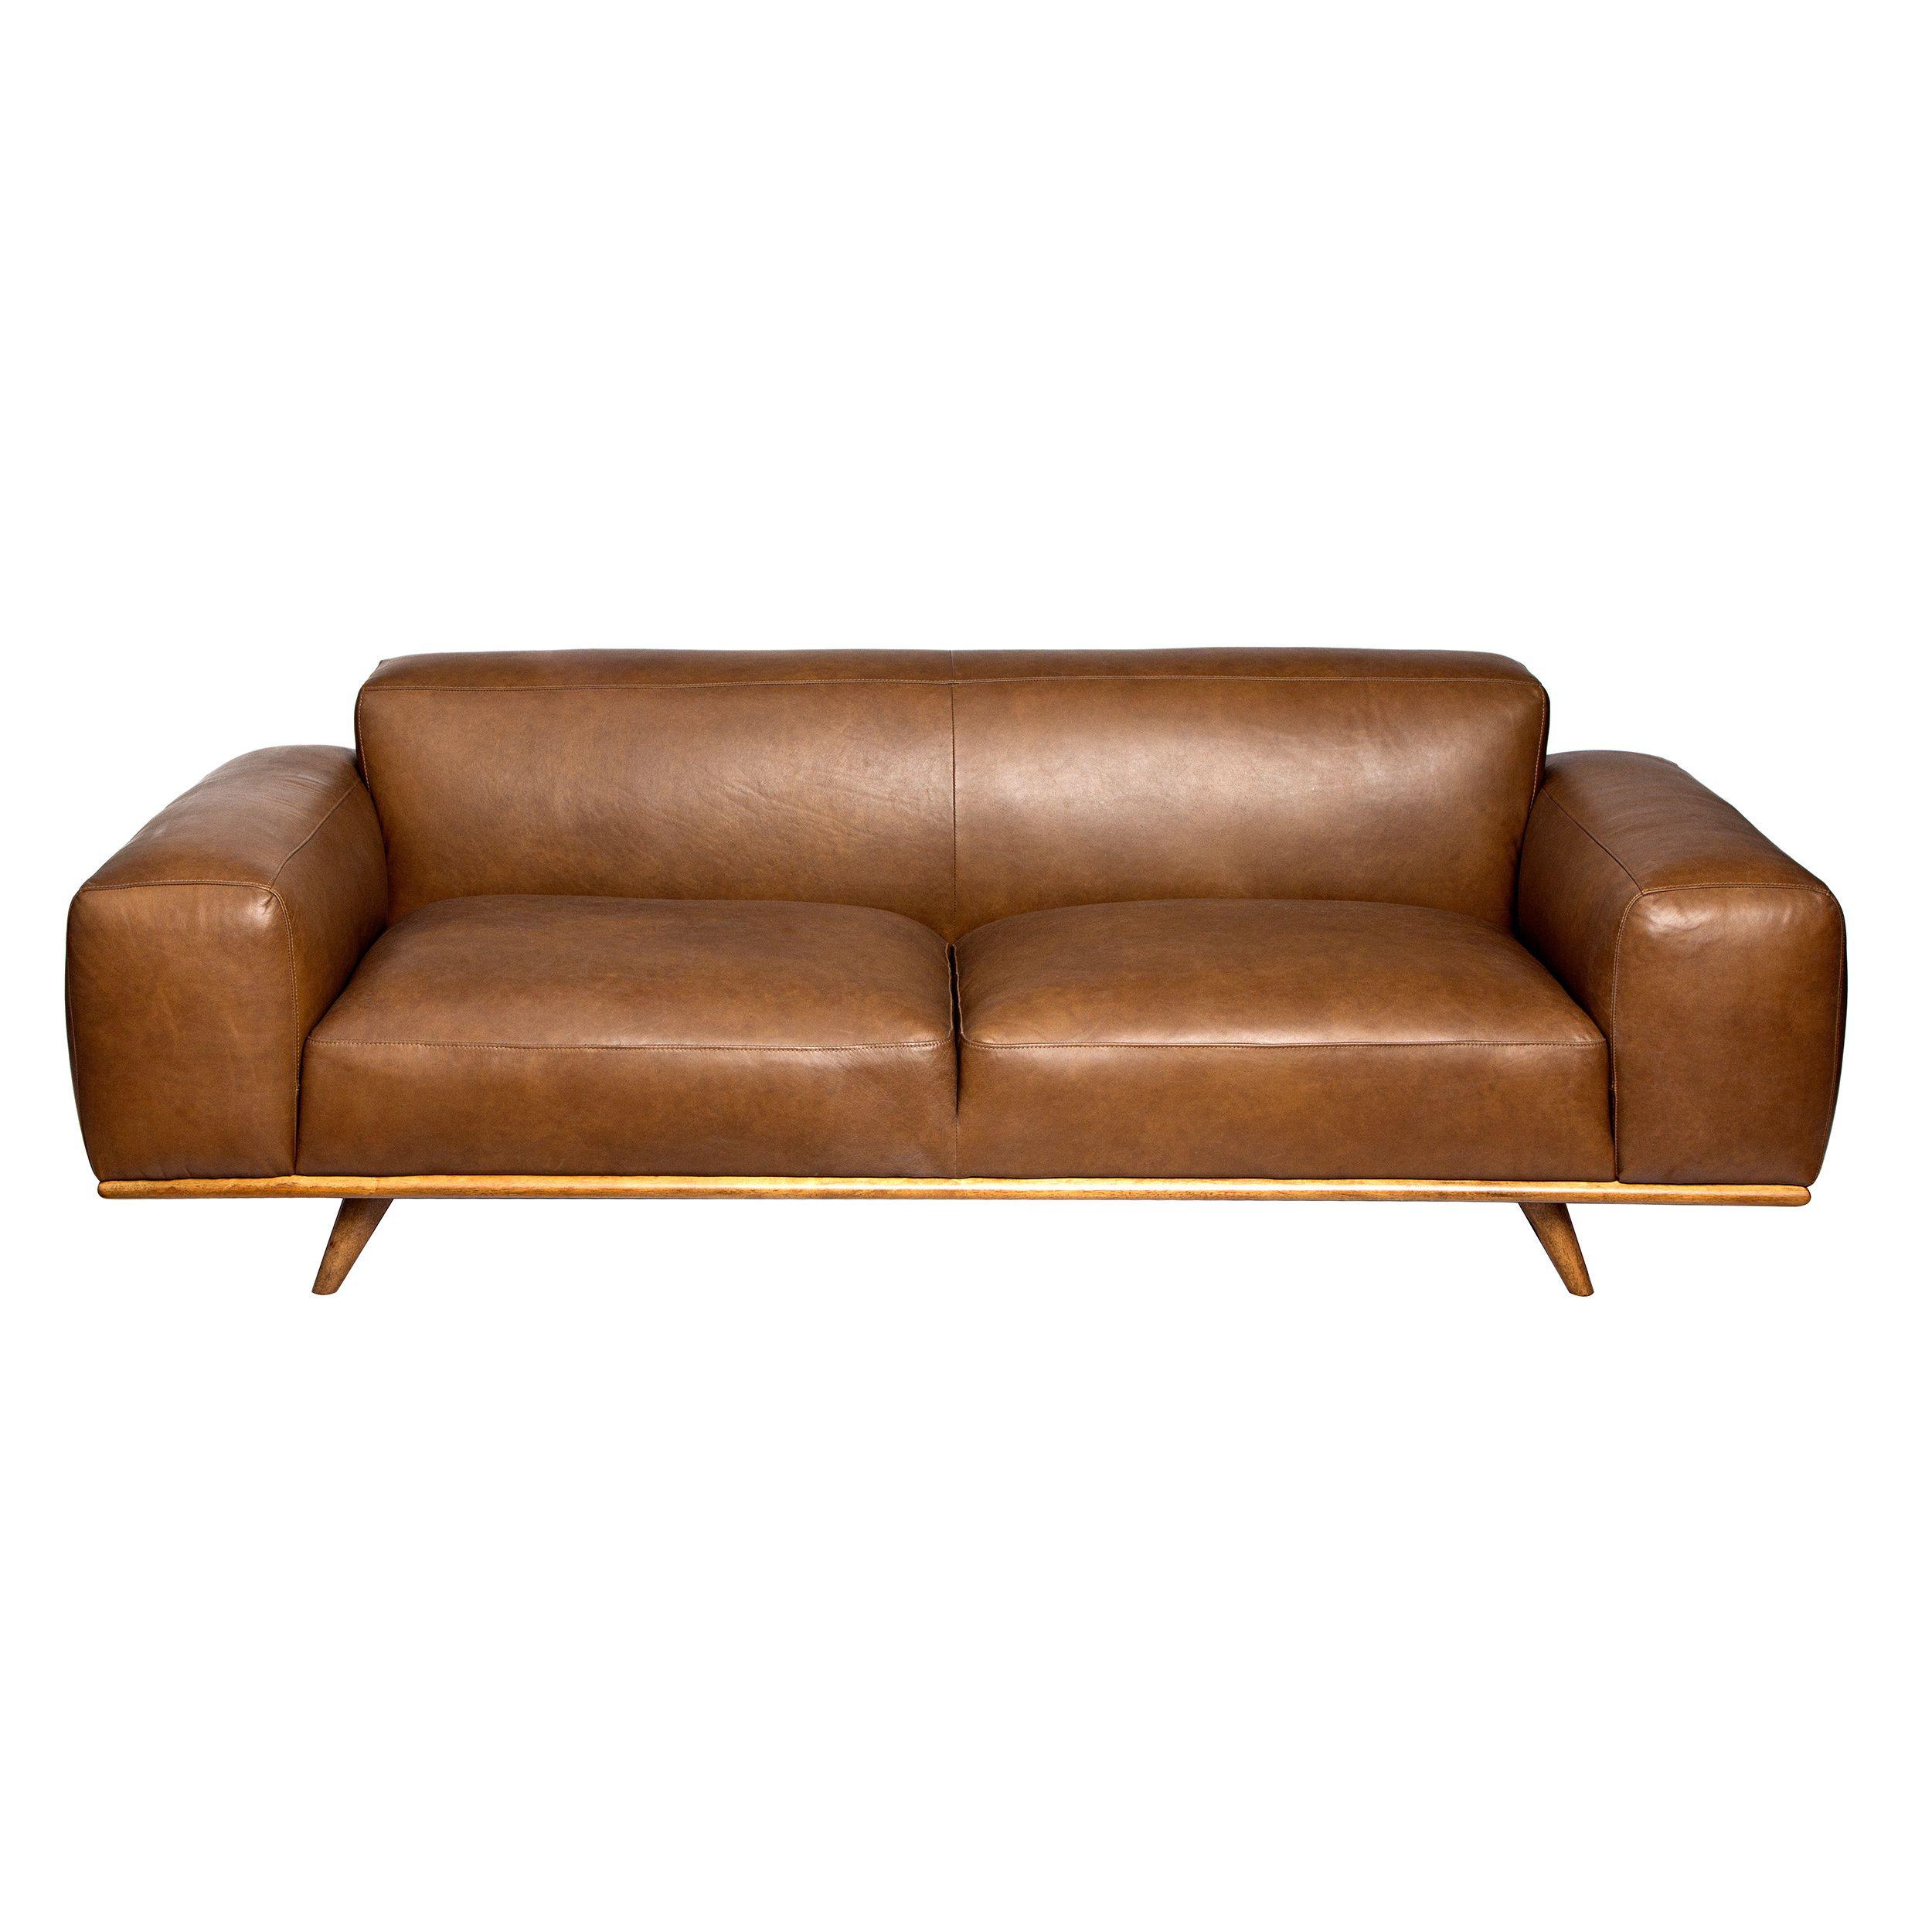 dante italian oxford tan leather sofa brown tan leather sofas